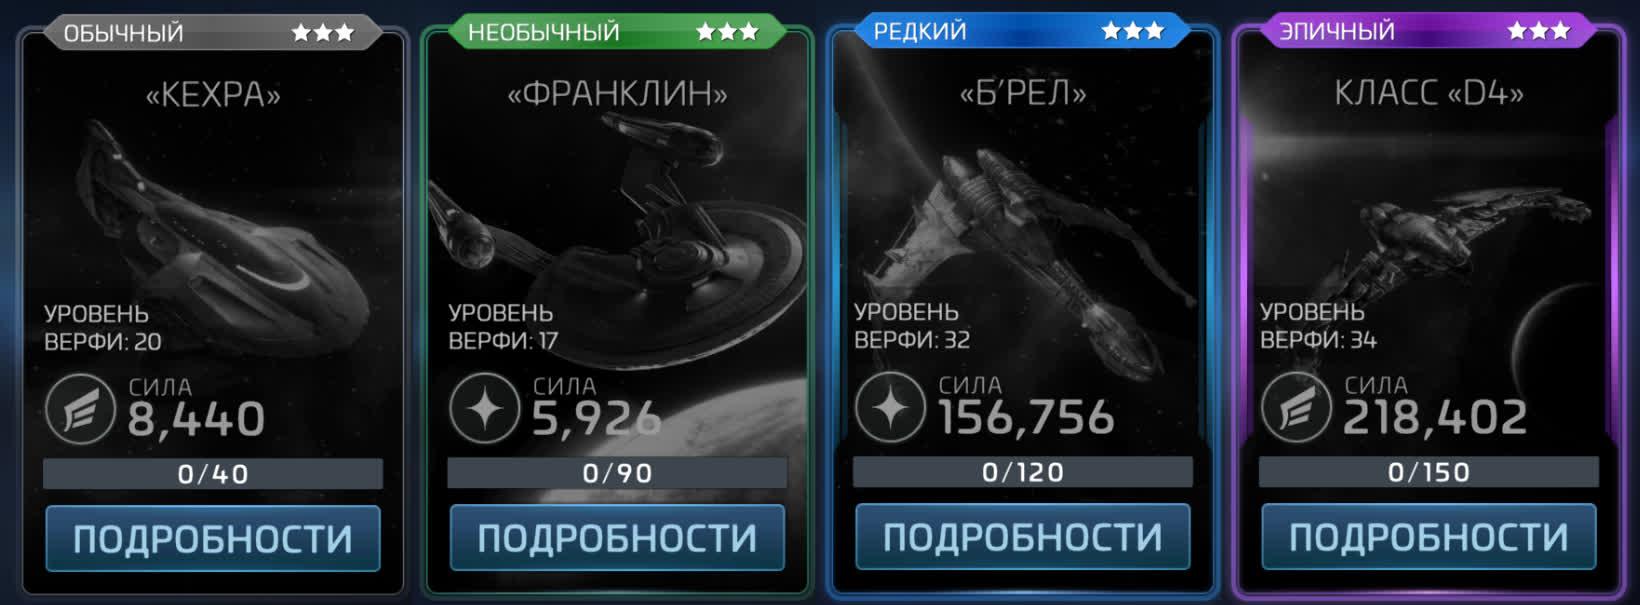 Гайд по кораблям в Star Trek Fleet Command: как создать сильный флот?